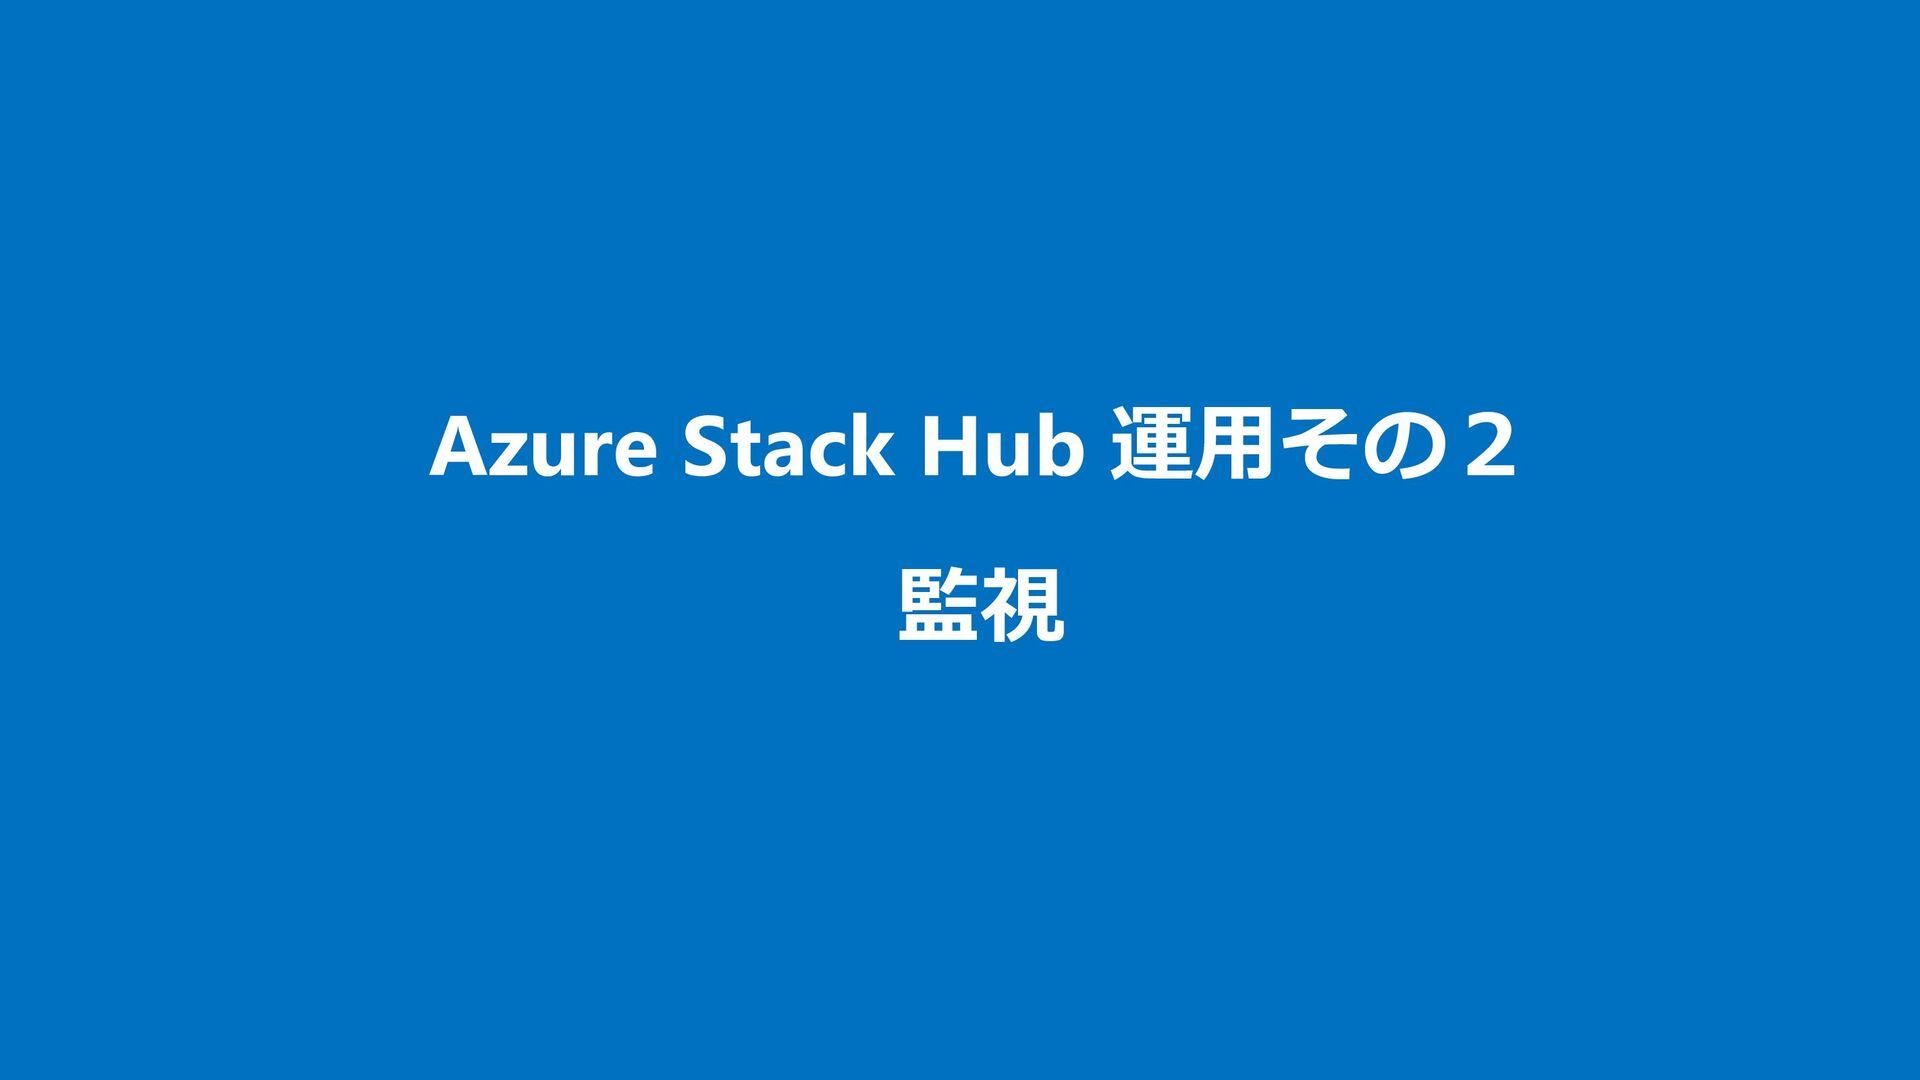 その1︓キャパシティ管理 もし16台まで増設してしまったら︖ ・ 新しい Azure Stac...